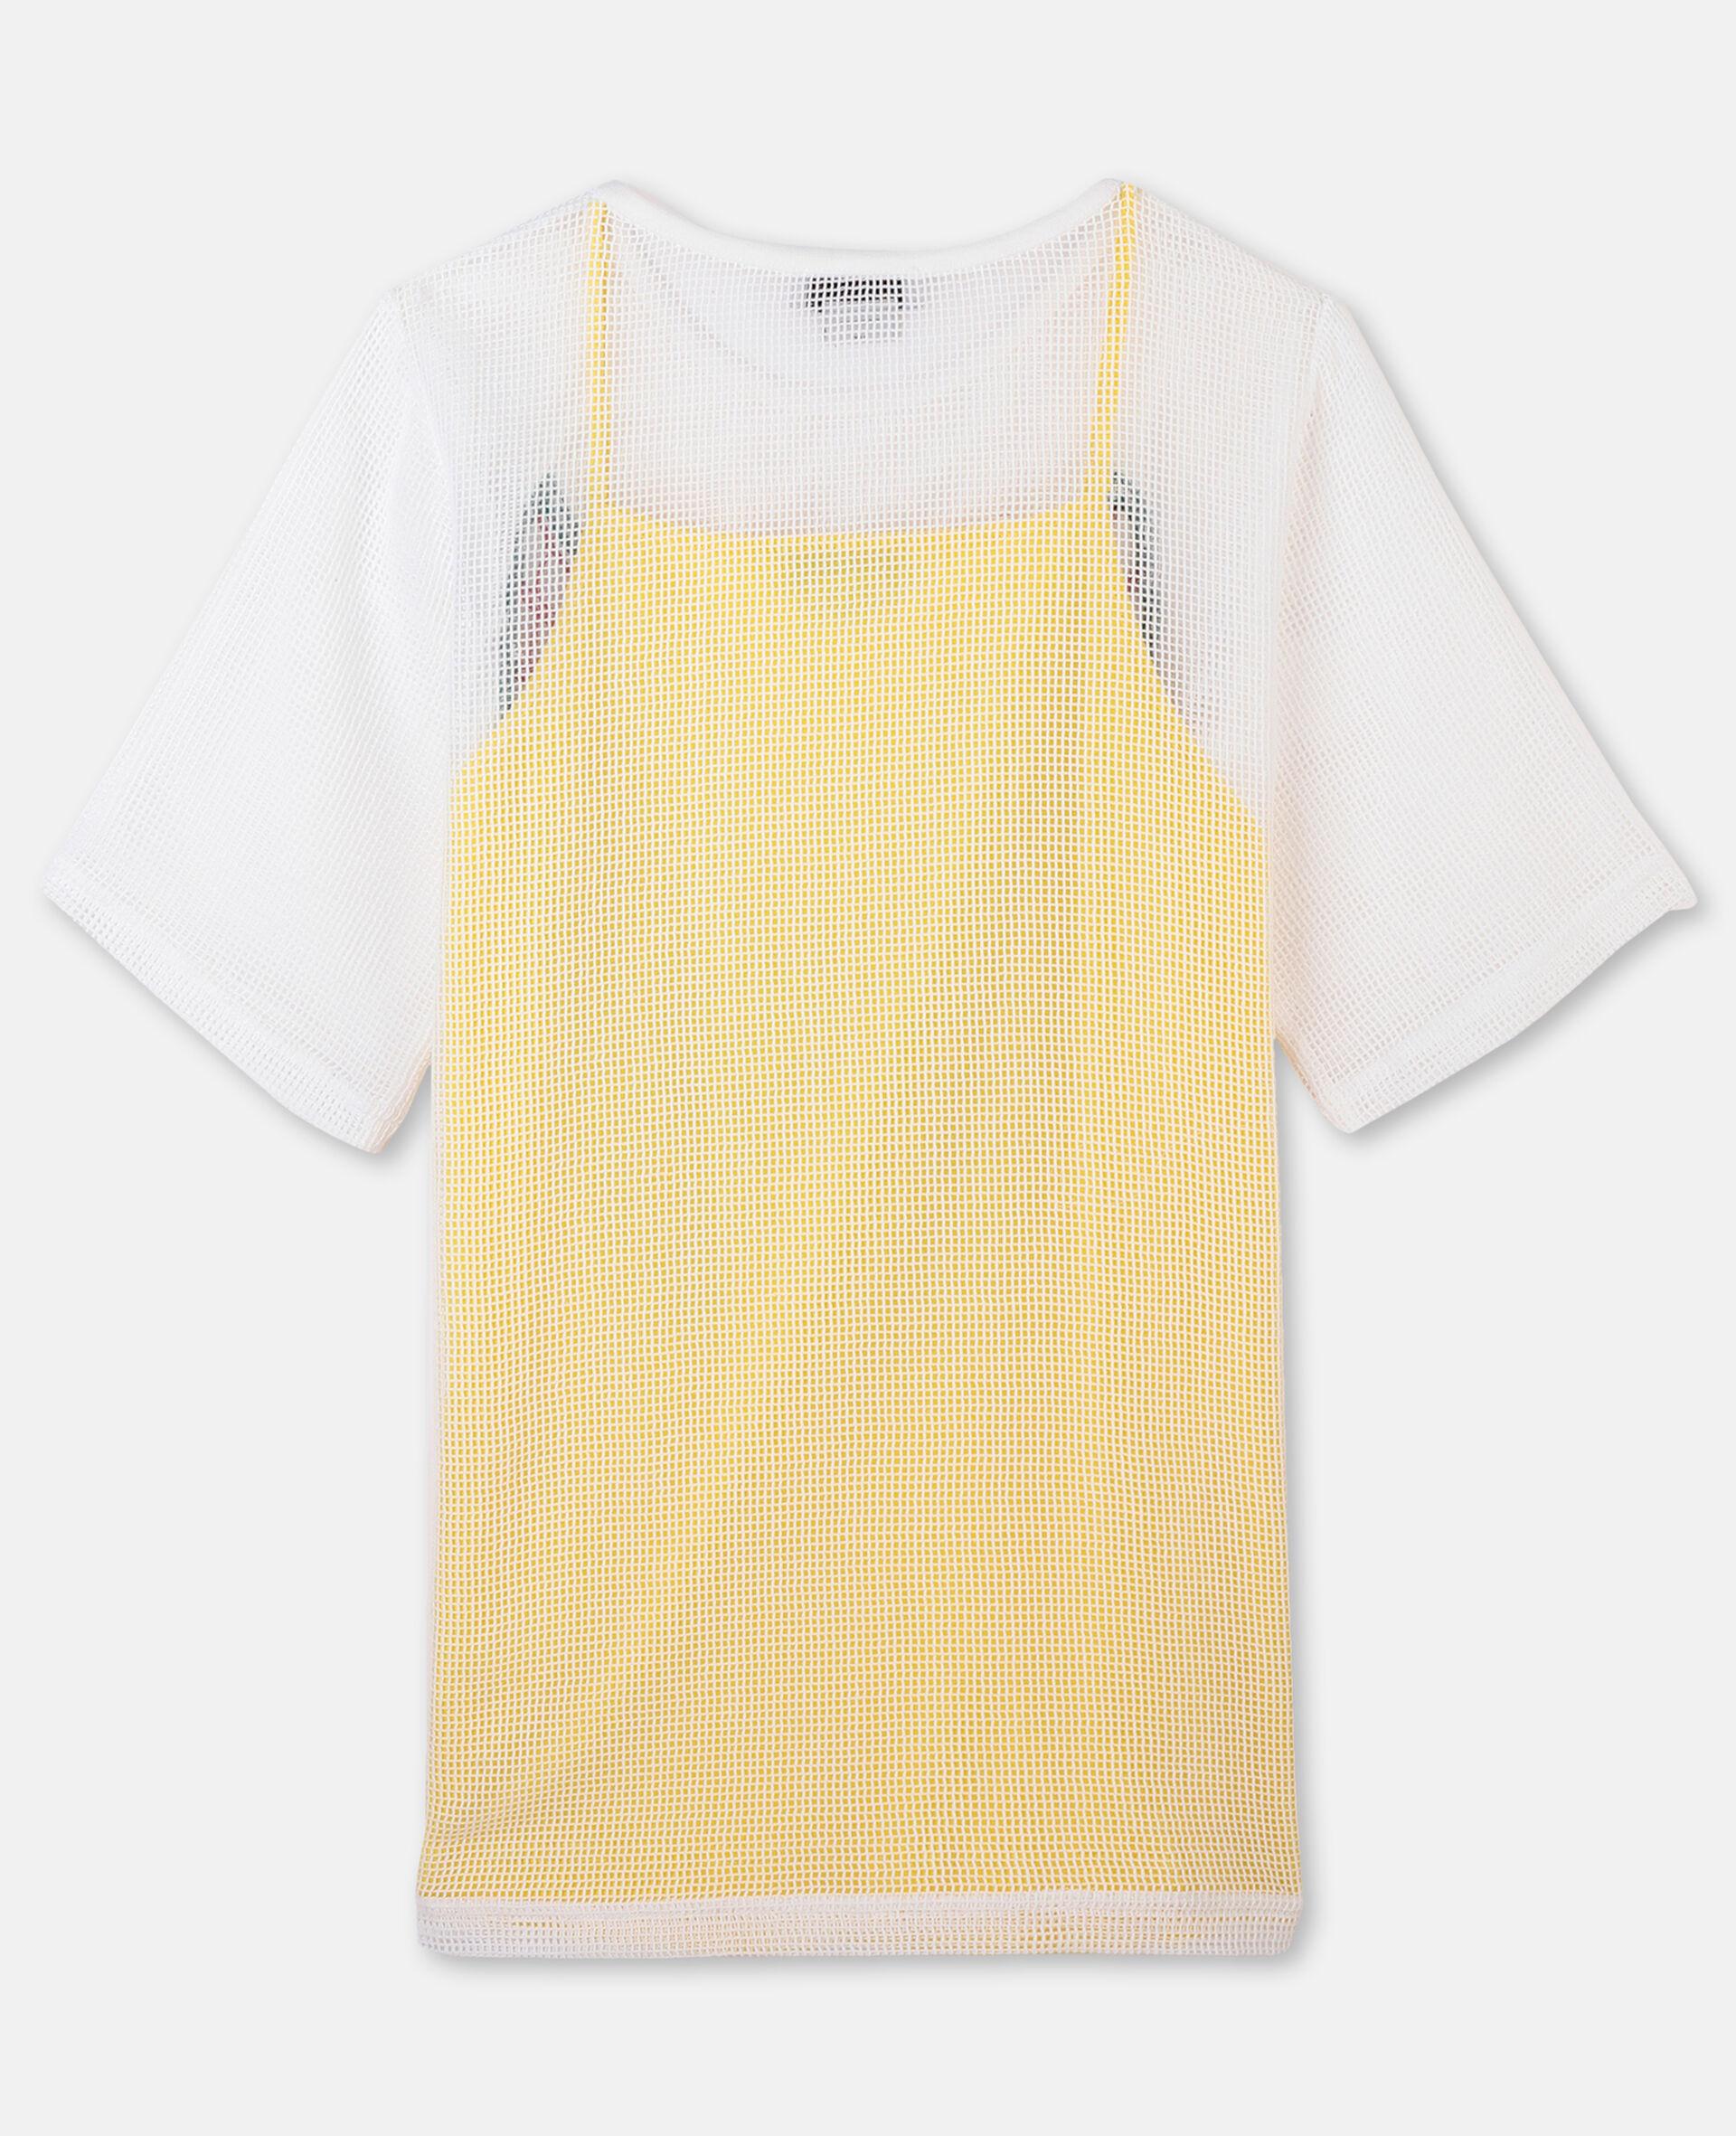 Kleid aus Baumwollmesh mit Schmetterlingen-Weiß-large image number 3